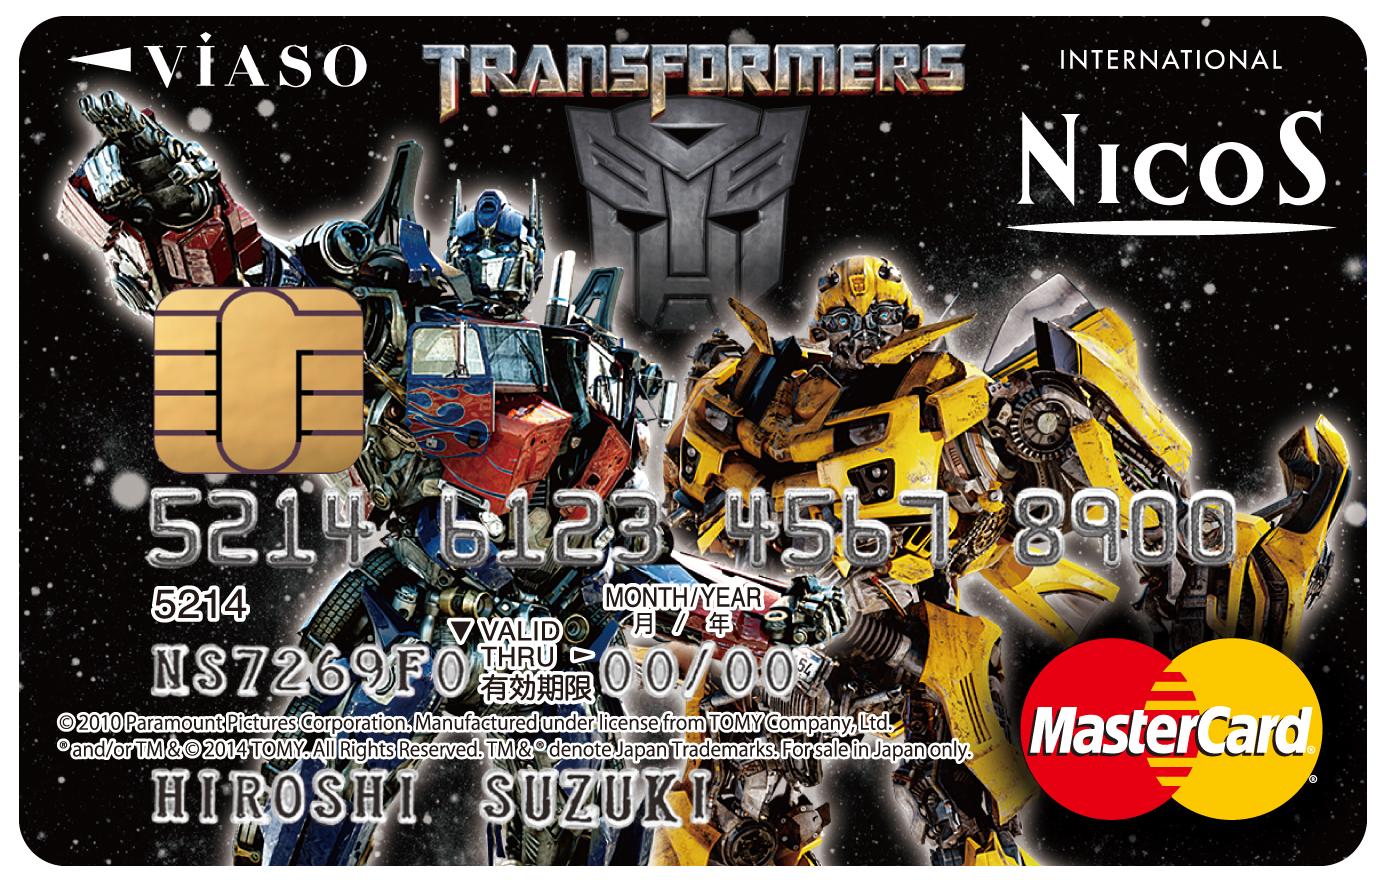 VIASOカード(トランスフォーマーデザイン)